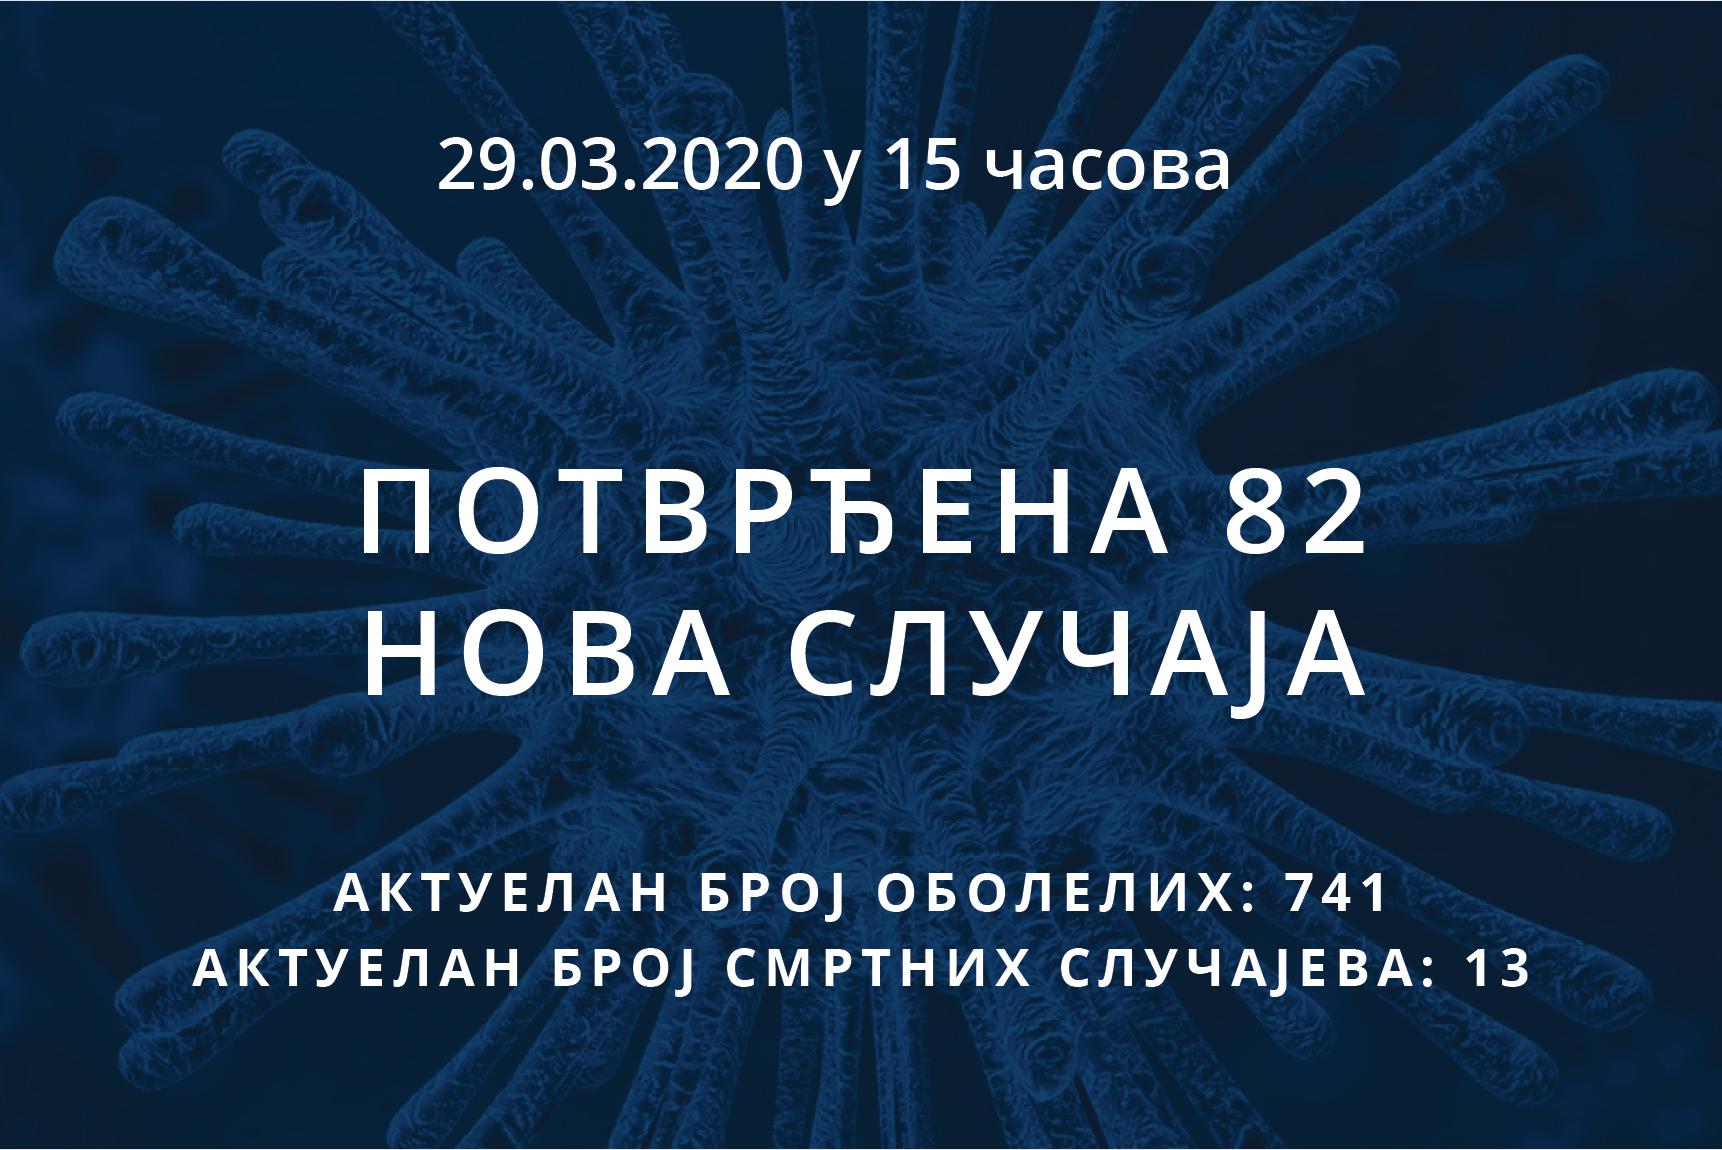 You are currently viewing Информације о корона вирусу COVID-19, 29.03.2020 у 15 часова